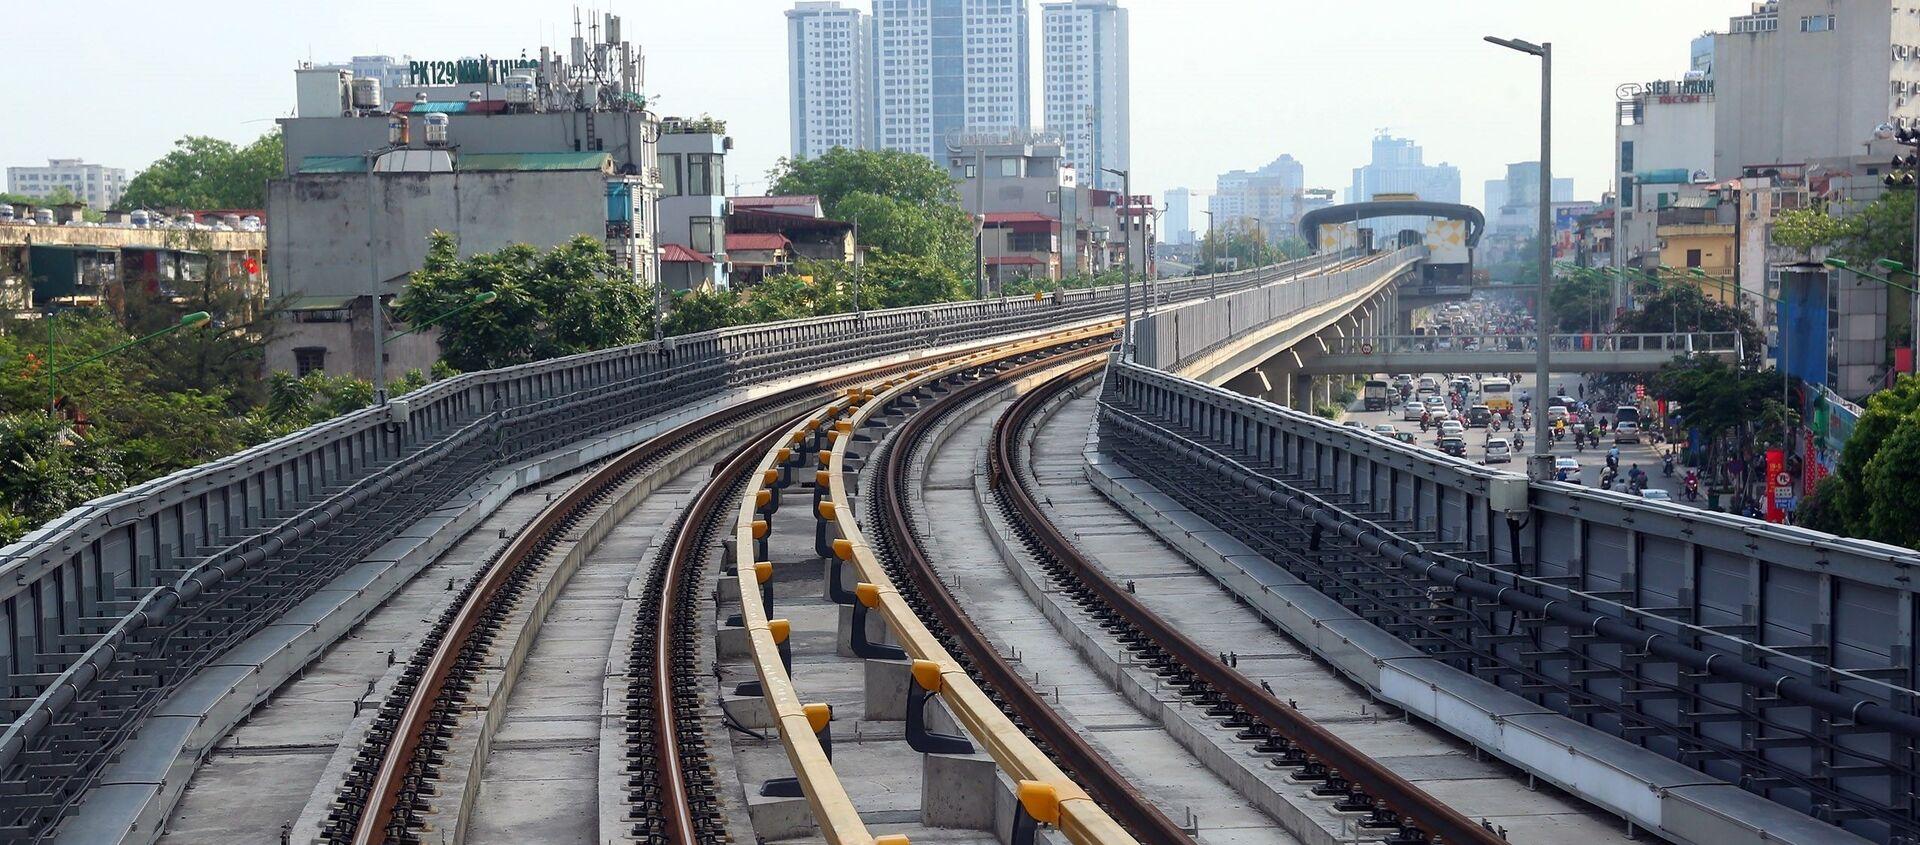 Đường sắt Cát Linh-Hà Đông có tuyến chính dài hơn 13km đi trên cao, 12 nhà ga và 13 đoàn tàu. - Sputnik Việt Nam, 1920, 25.01.2021